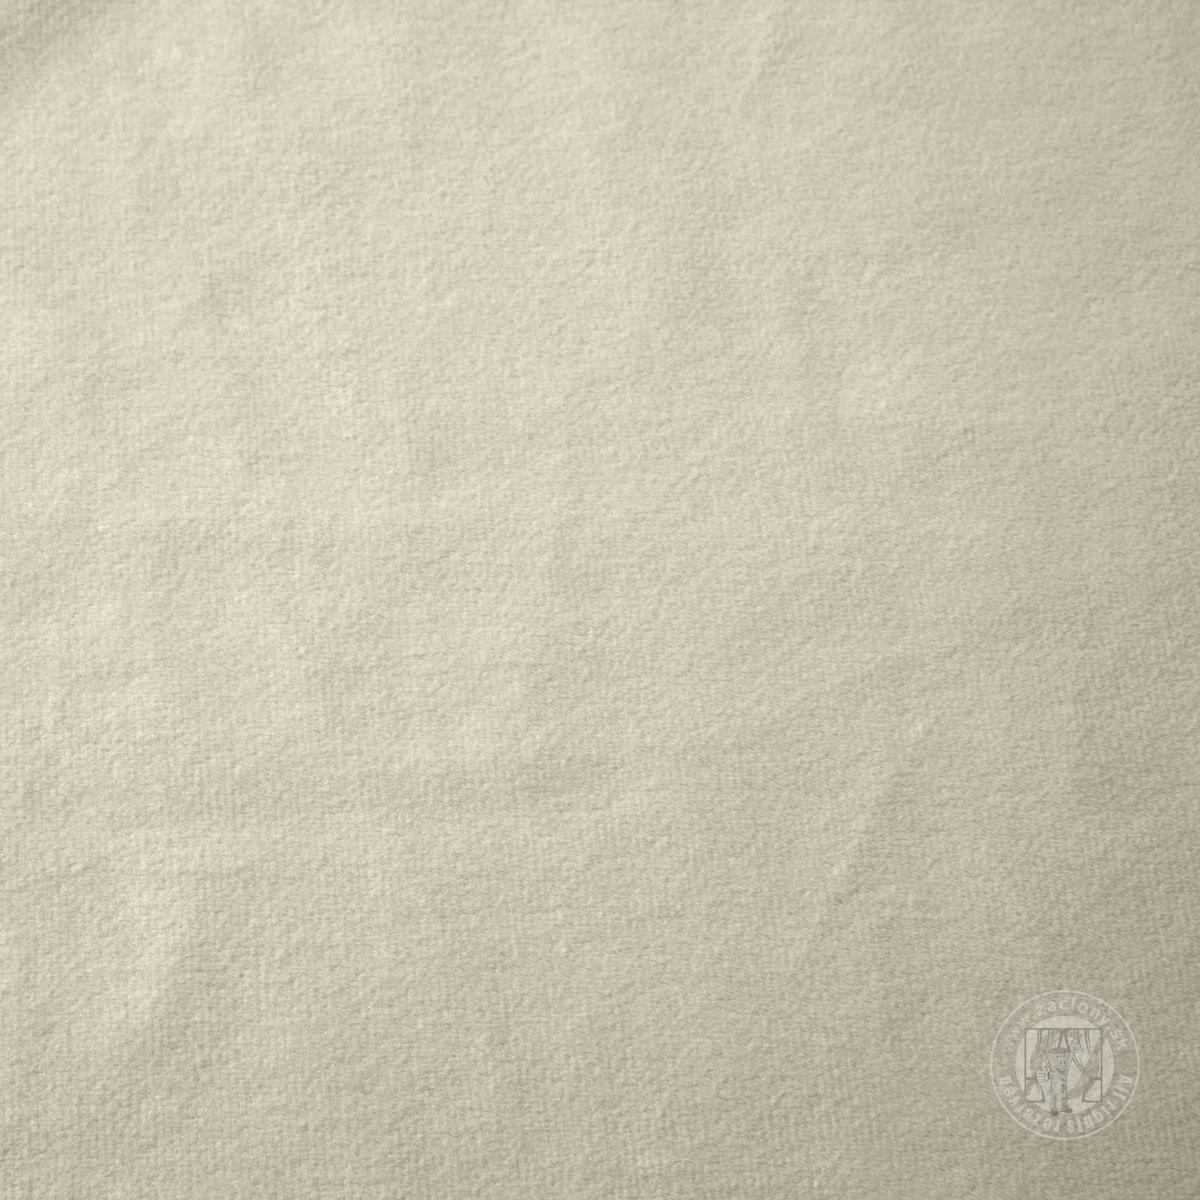 Záves ROSA na páske béžový 140x270cm